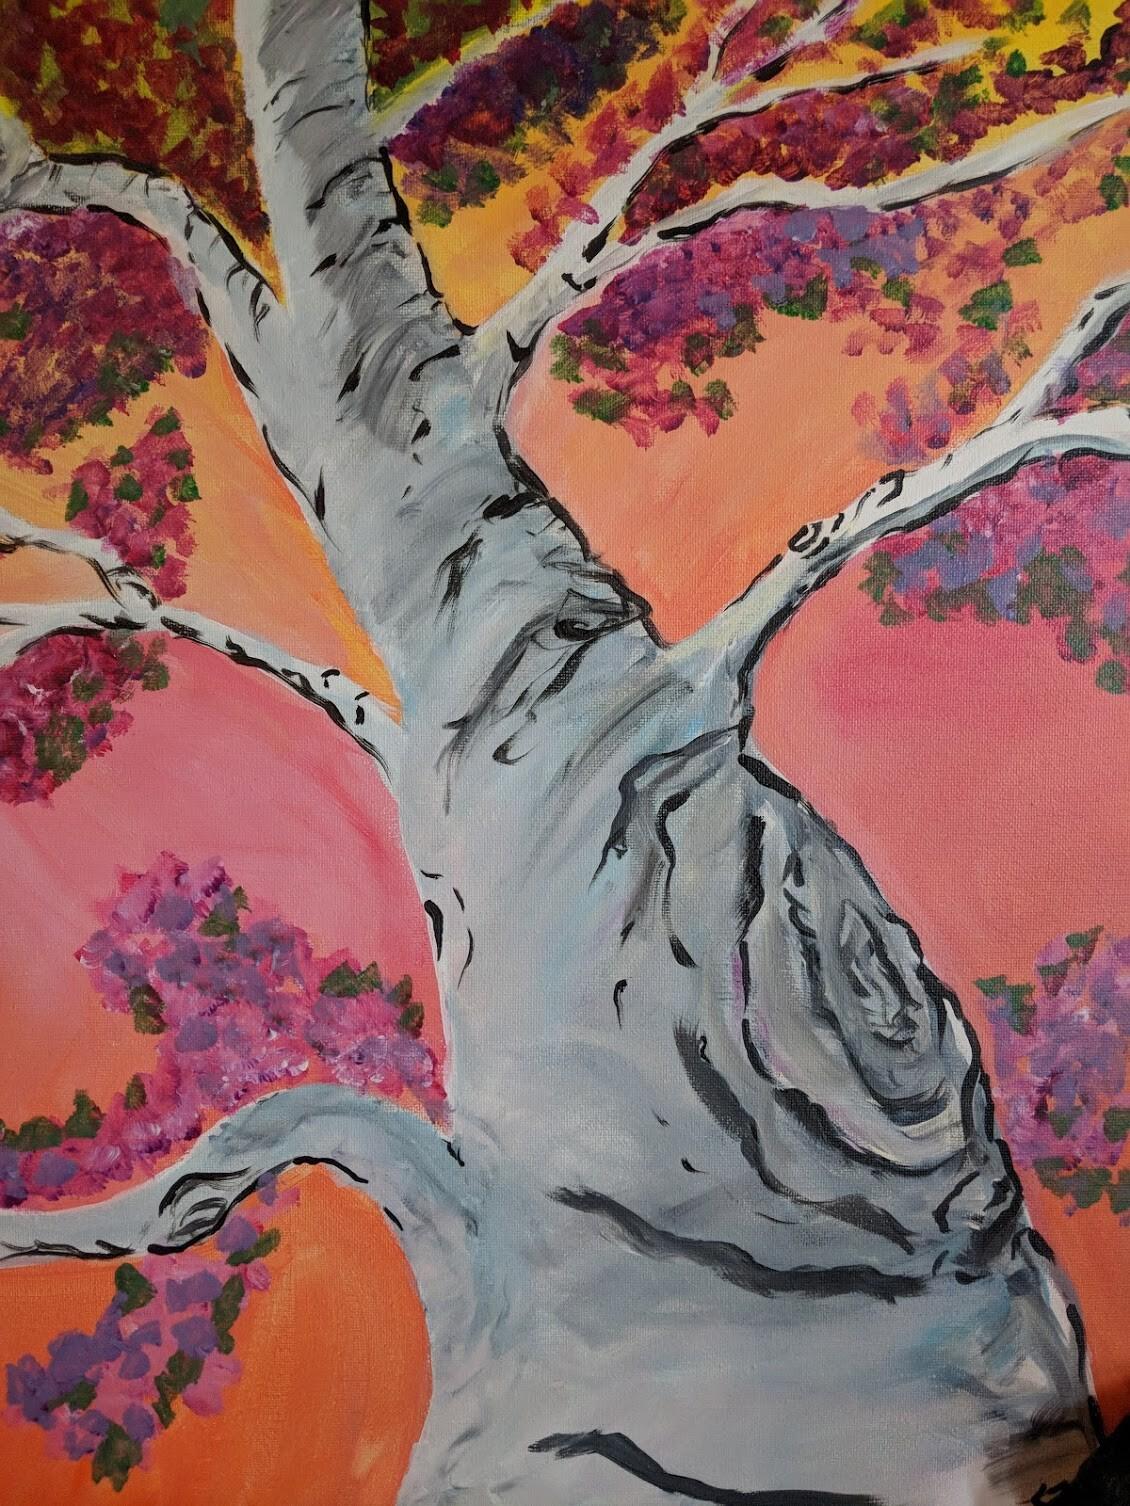 Elise ejtheartist motzny treething